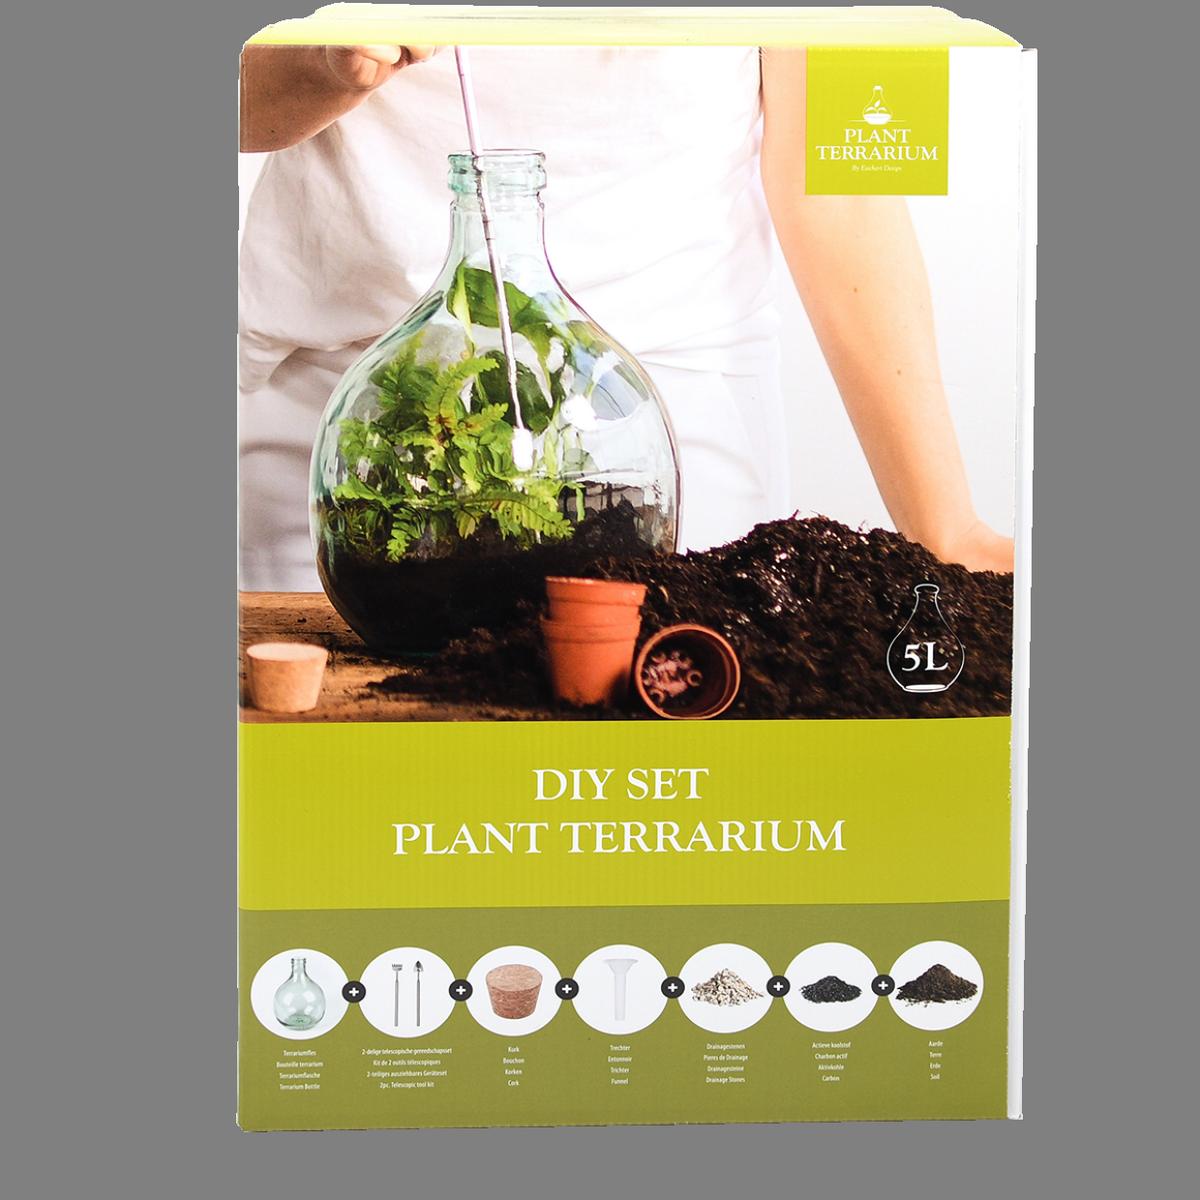 Kit bouteille terrarium 5 L à faire soi-même DIY